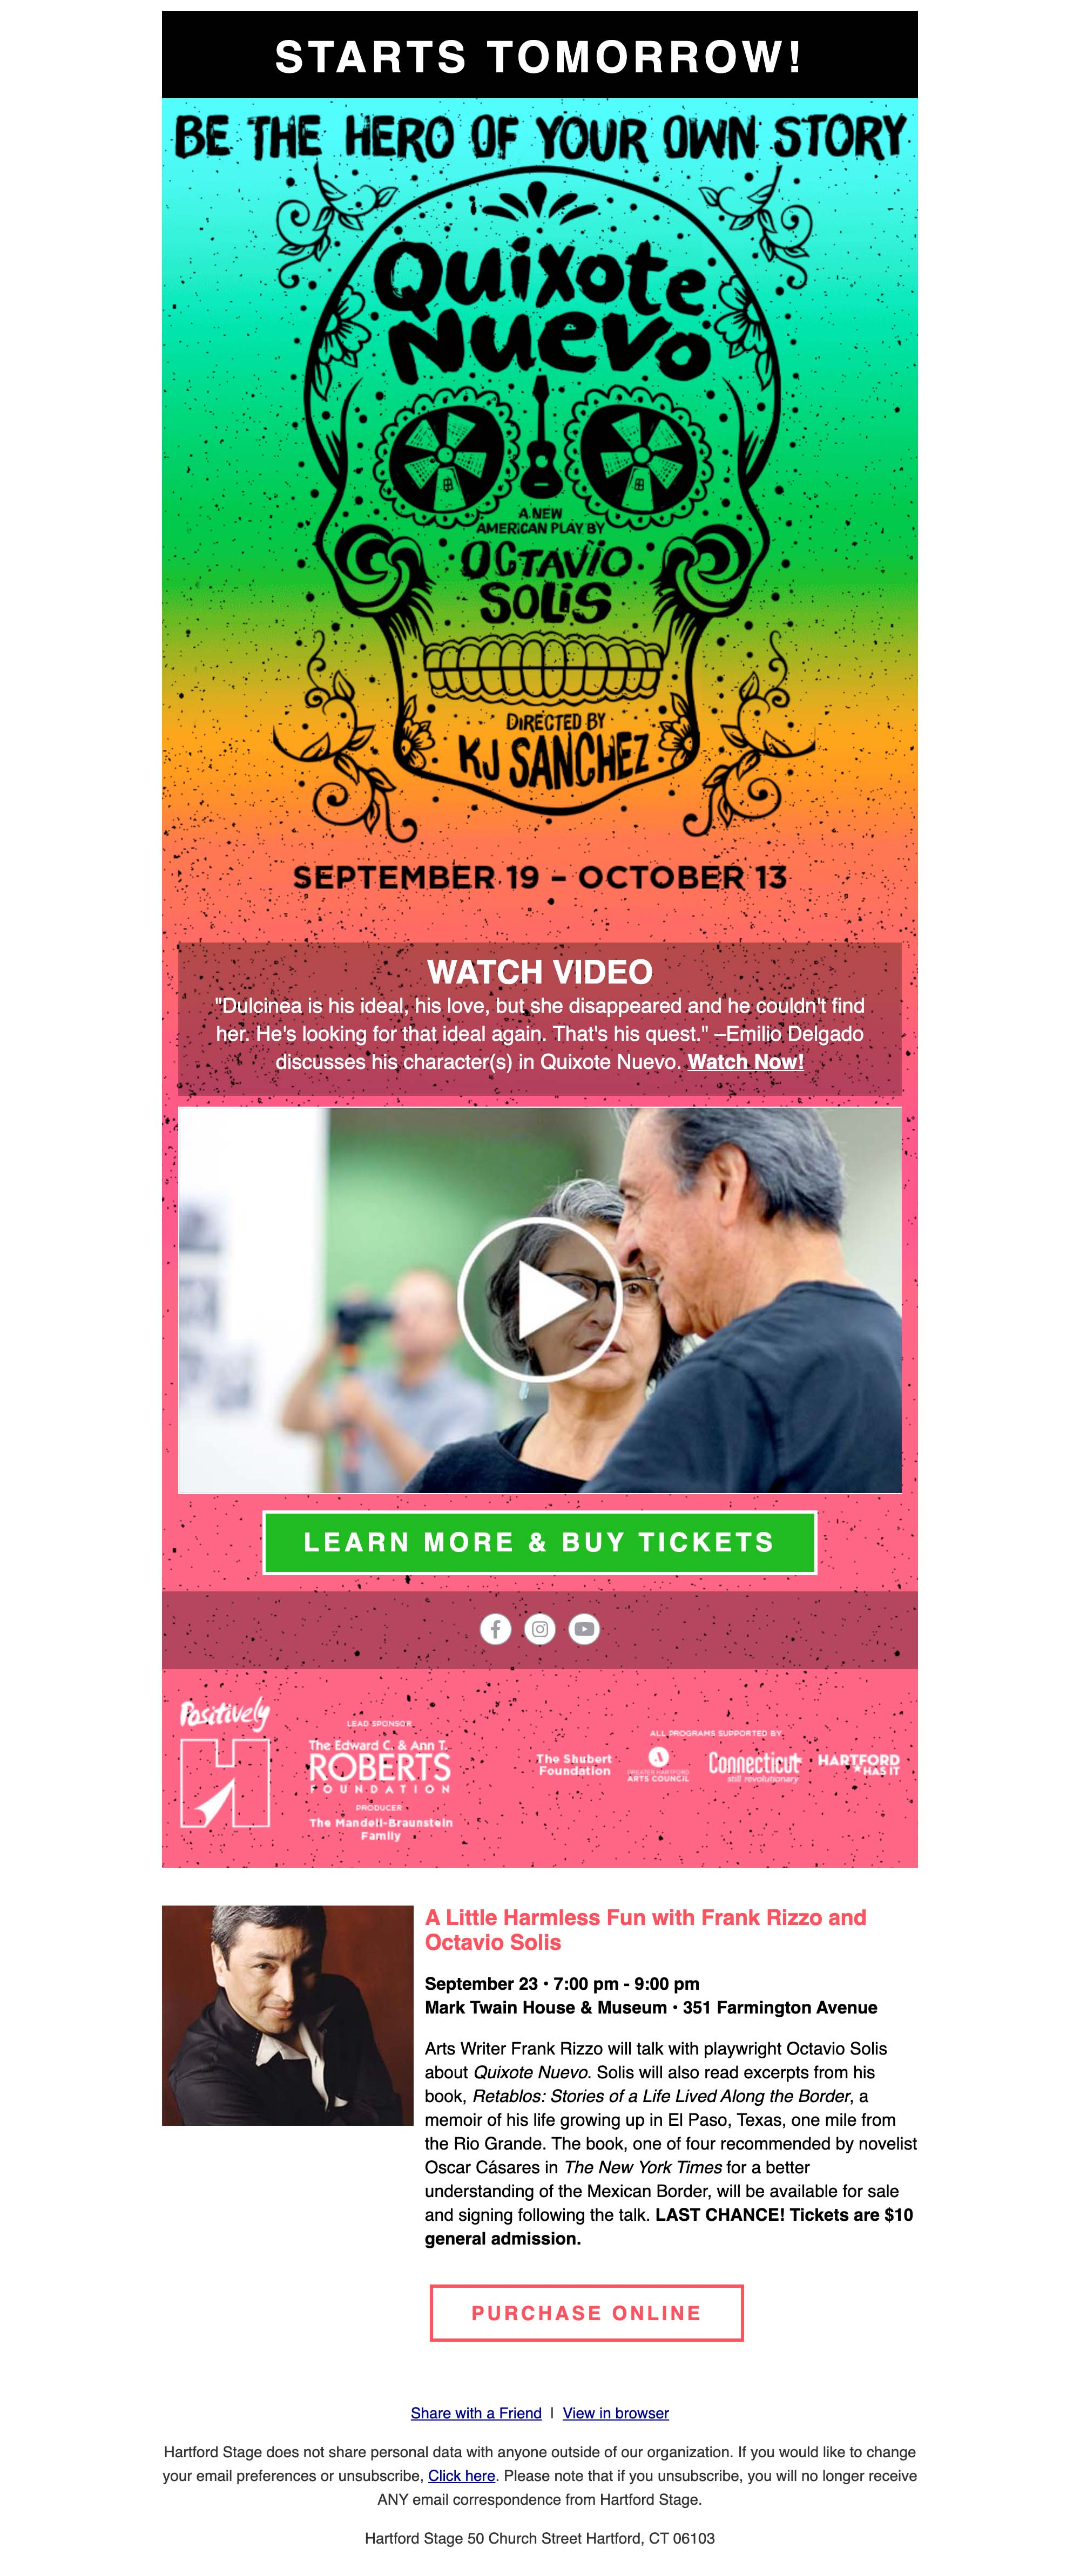 See Sesame Street's Luis (Emilio Delgado) in Quixote Nuevo - desktop view